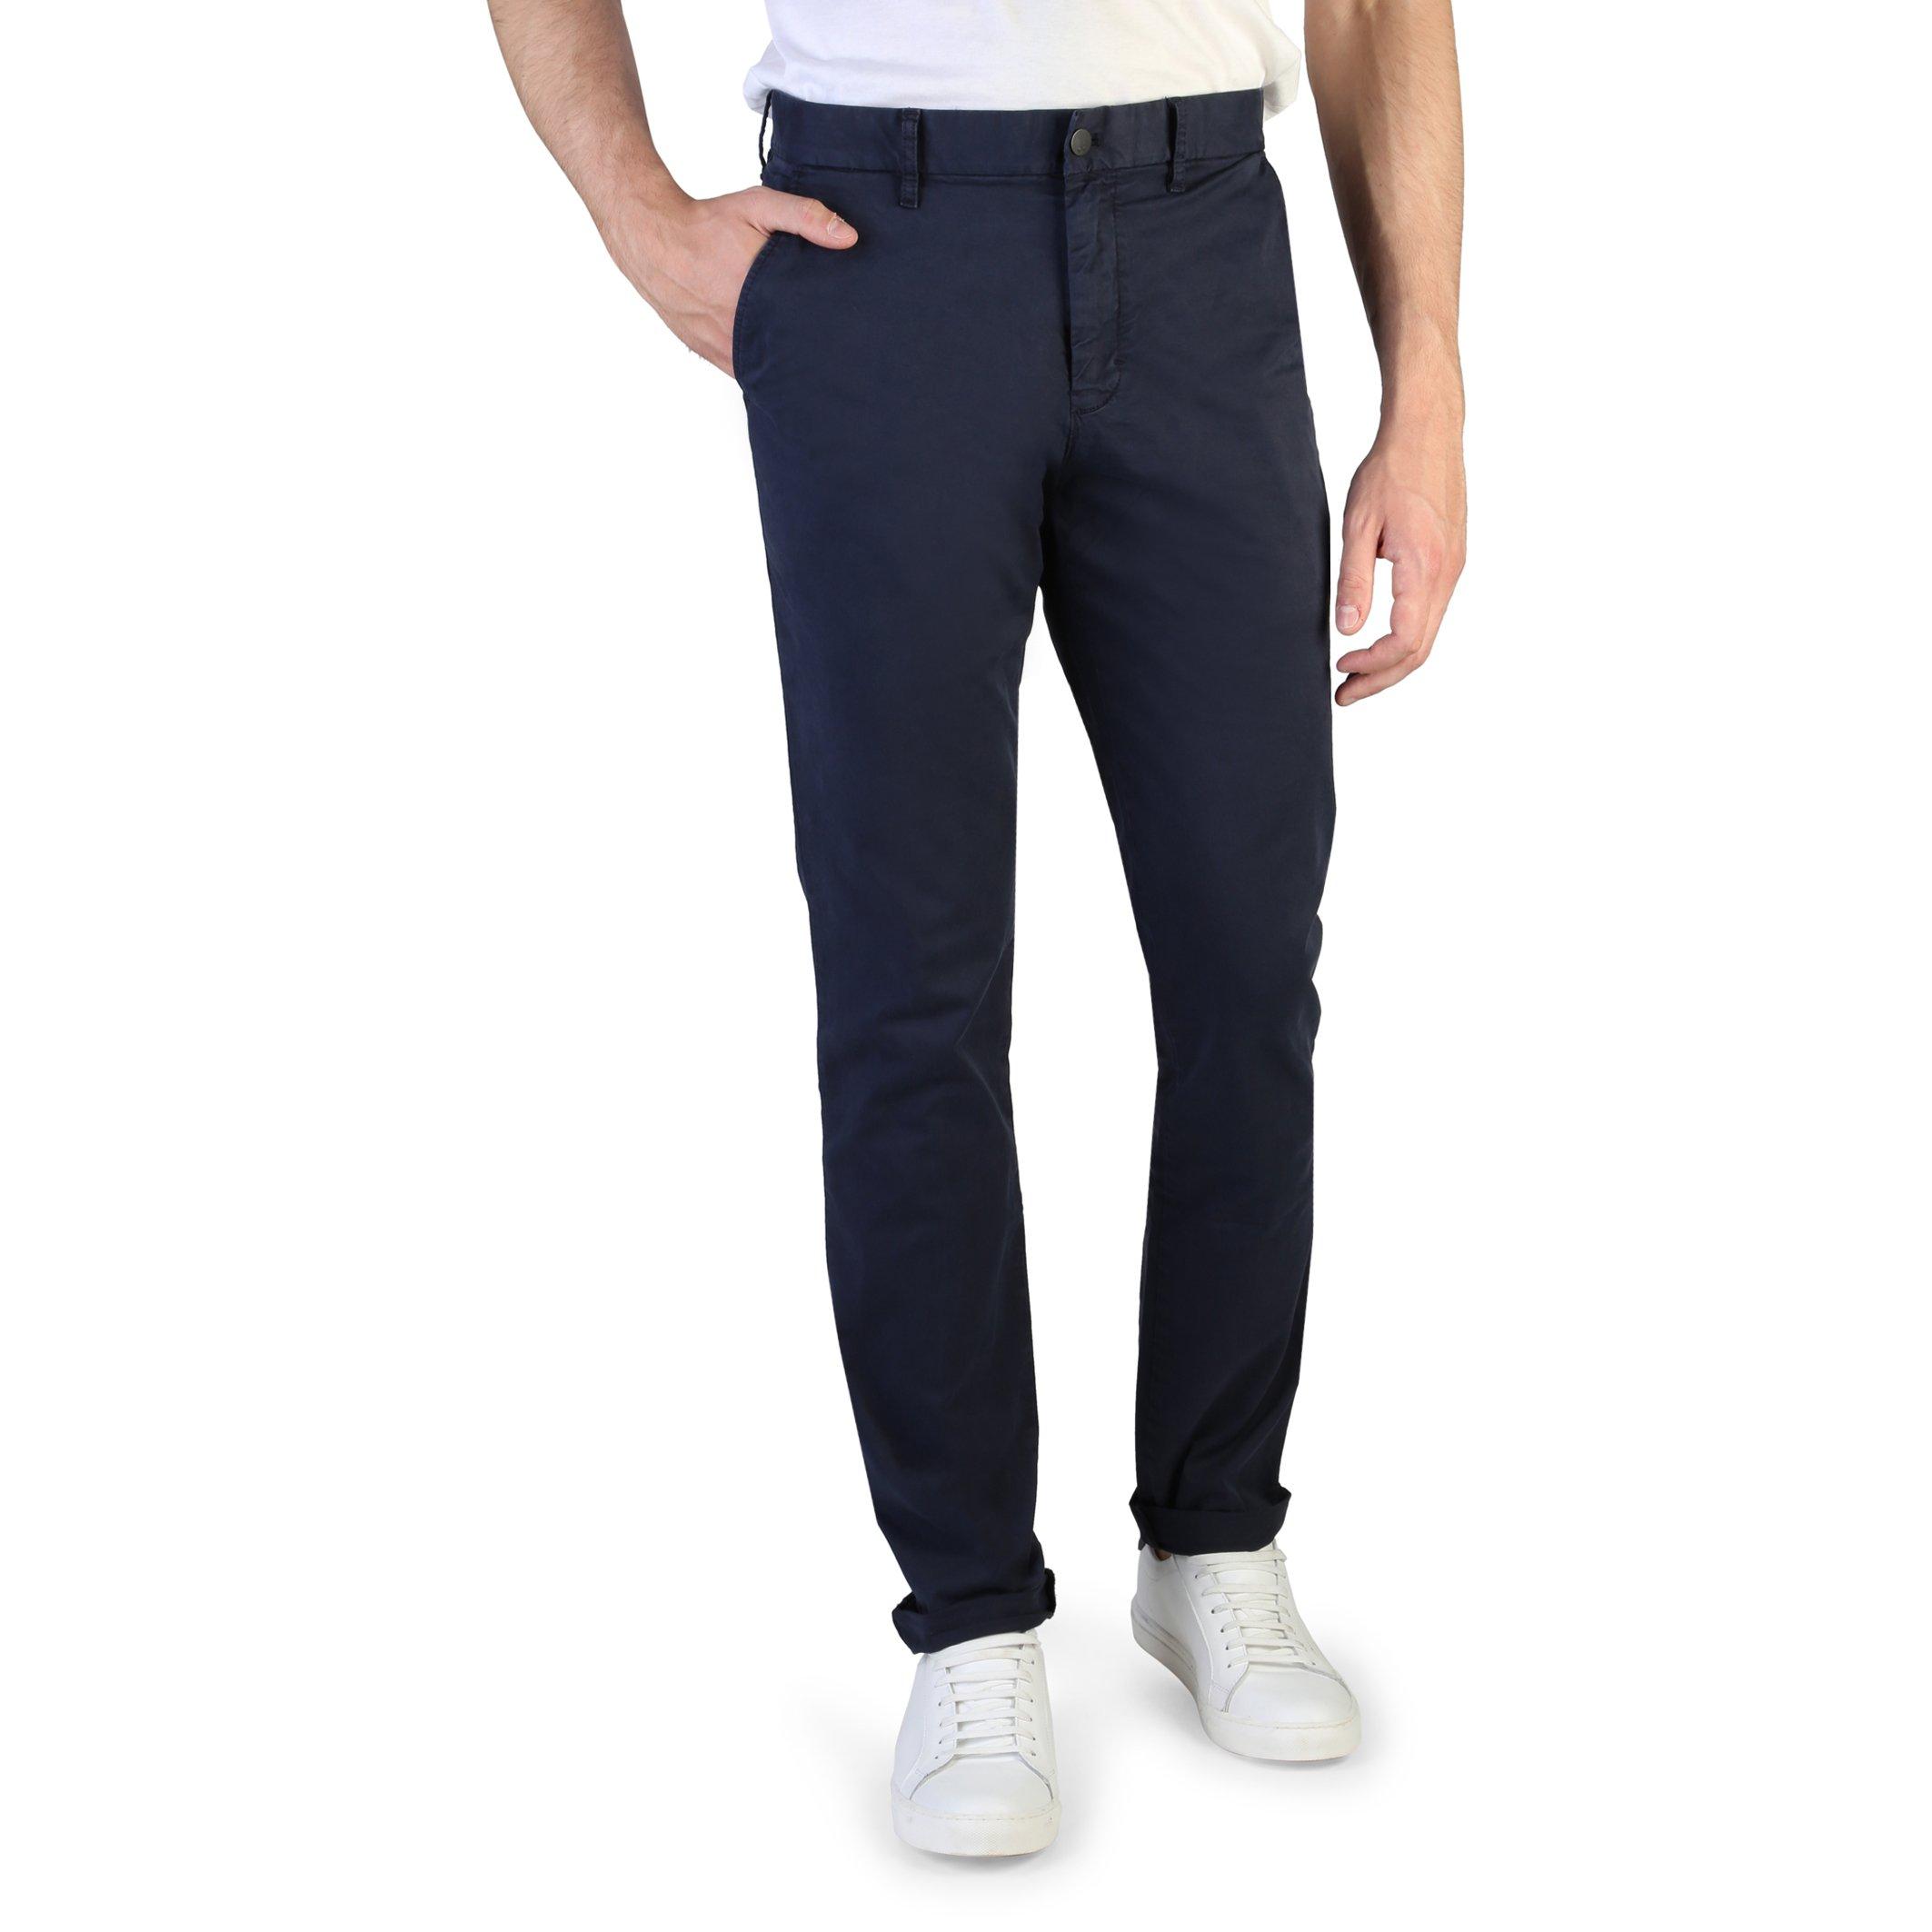 Calvin Klein Men's Trouser Blue J30J305278 - blue-1 28